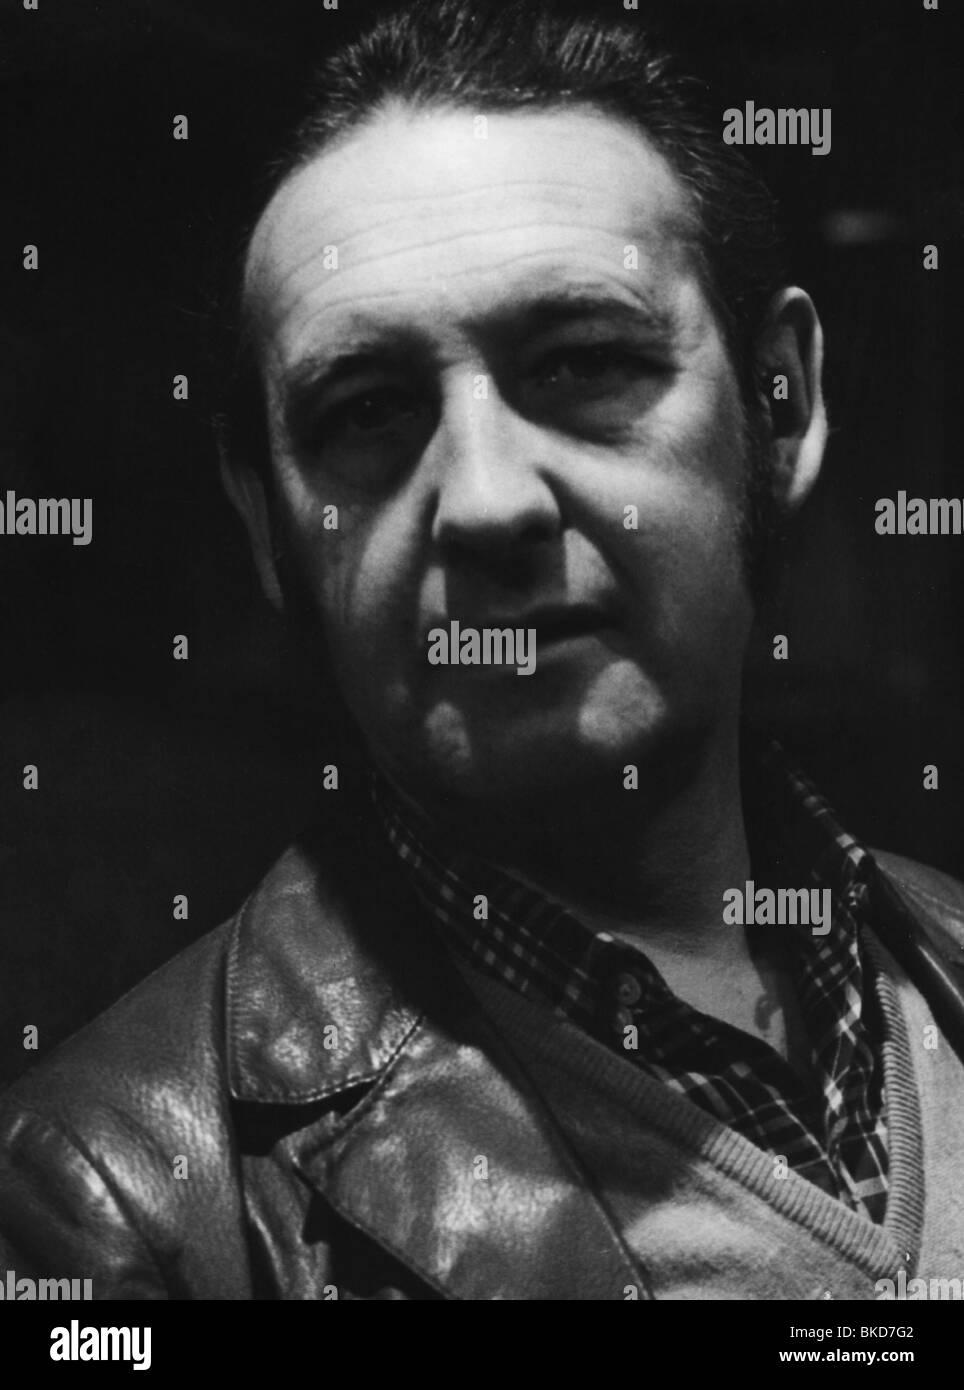 Wajda, Andrzej, 6.3.1926 - 9.10.2016, regista polacco, ritratto, circa 1978, 1970s, 70s, maschio, uomo, degli anni Immagini Stock